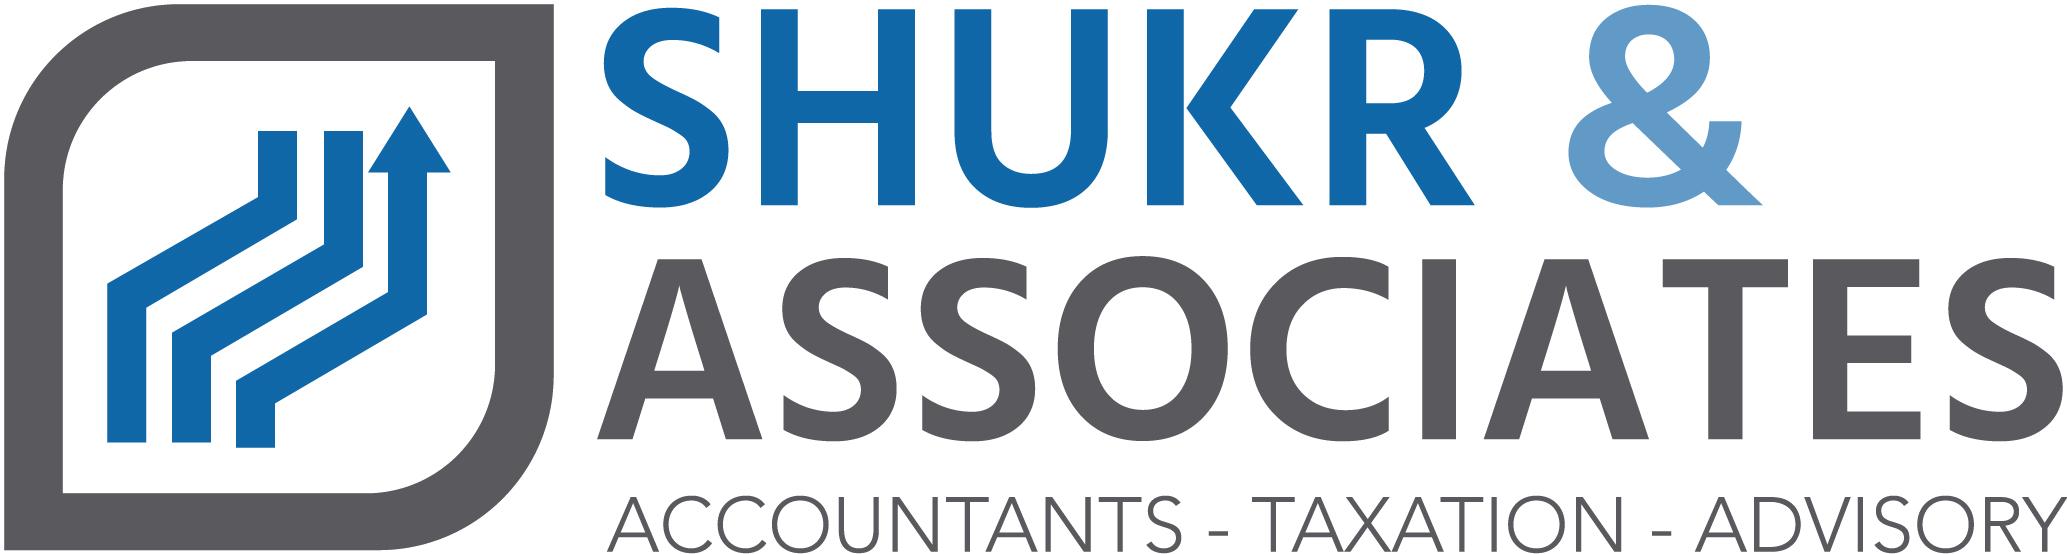 Shukr & Associates